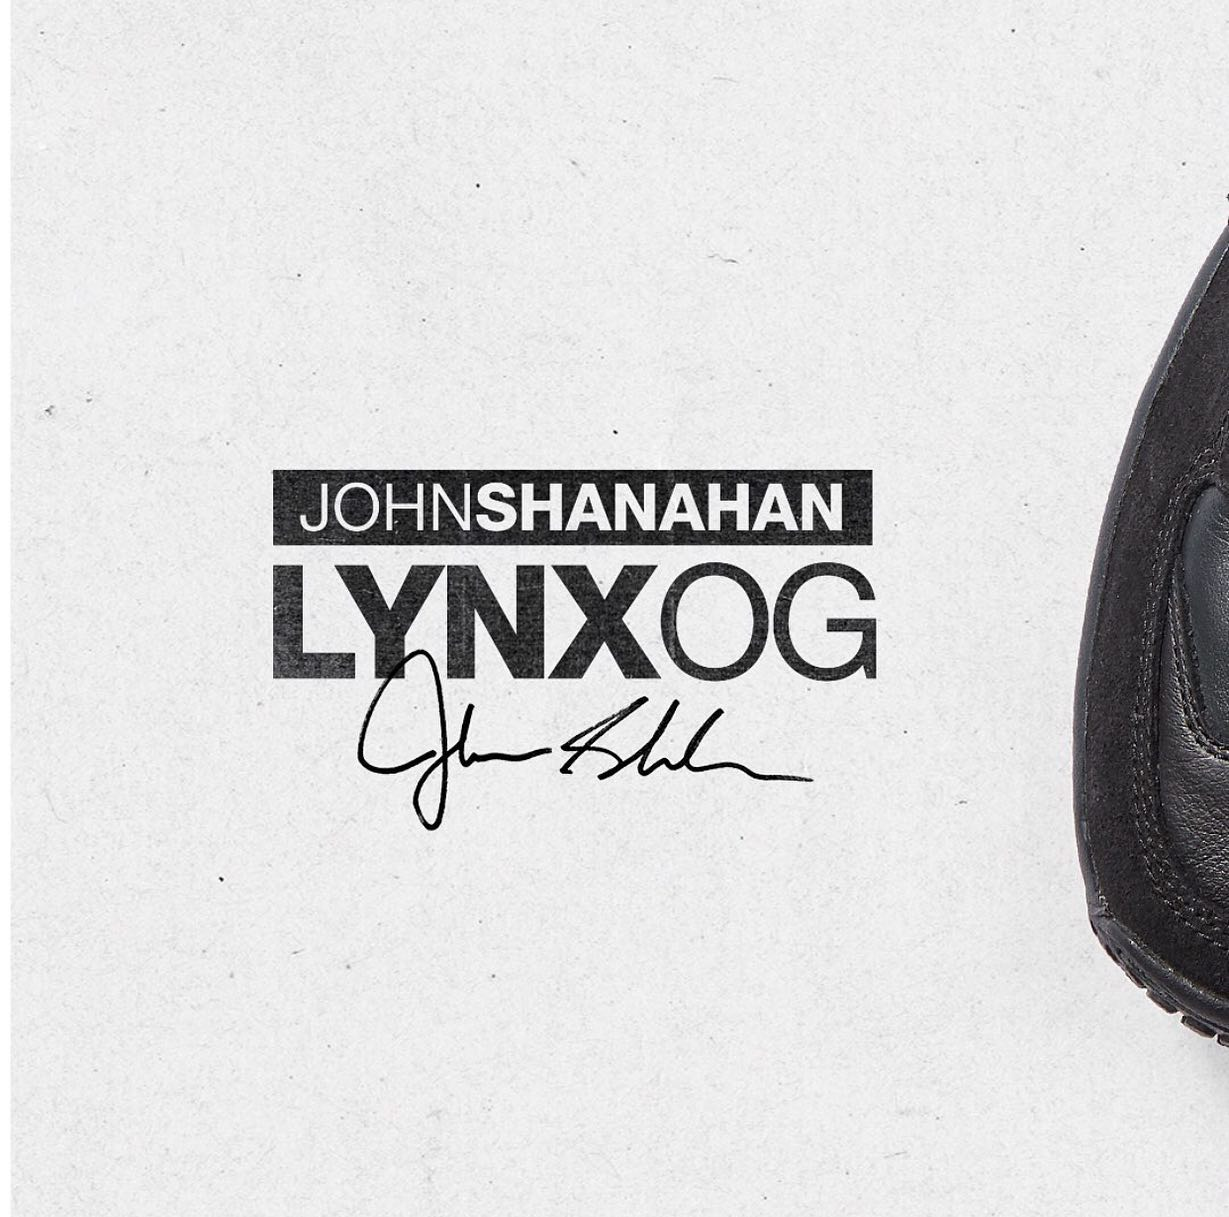 ・DC SHOE / THE LYNX OG JSチームライダー @johnshanahanz の HERITAGE COLLECTIONが登場。フルグレインレザーとスーパースエードアッパーで構成されたDCの象徴であるLYNX OGをカスタムレースロックとサイドポケットでアップデートされています。